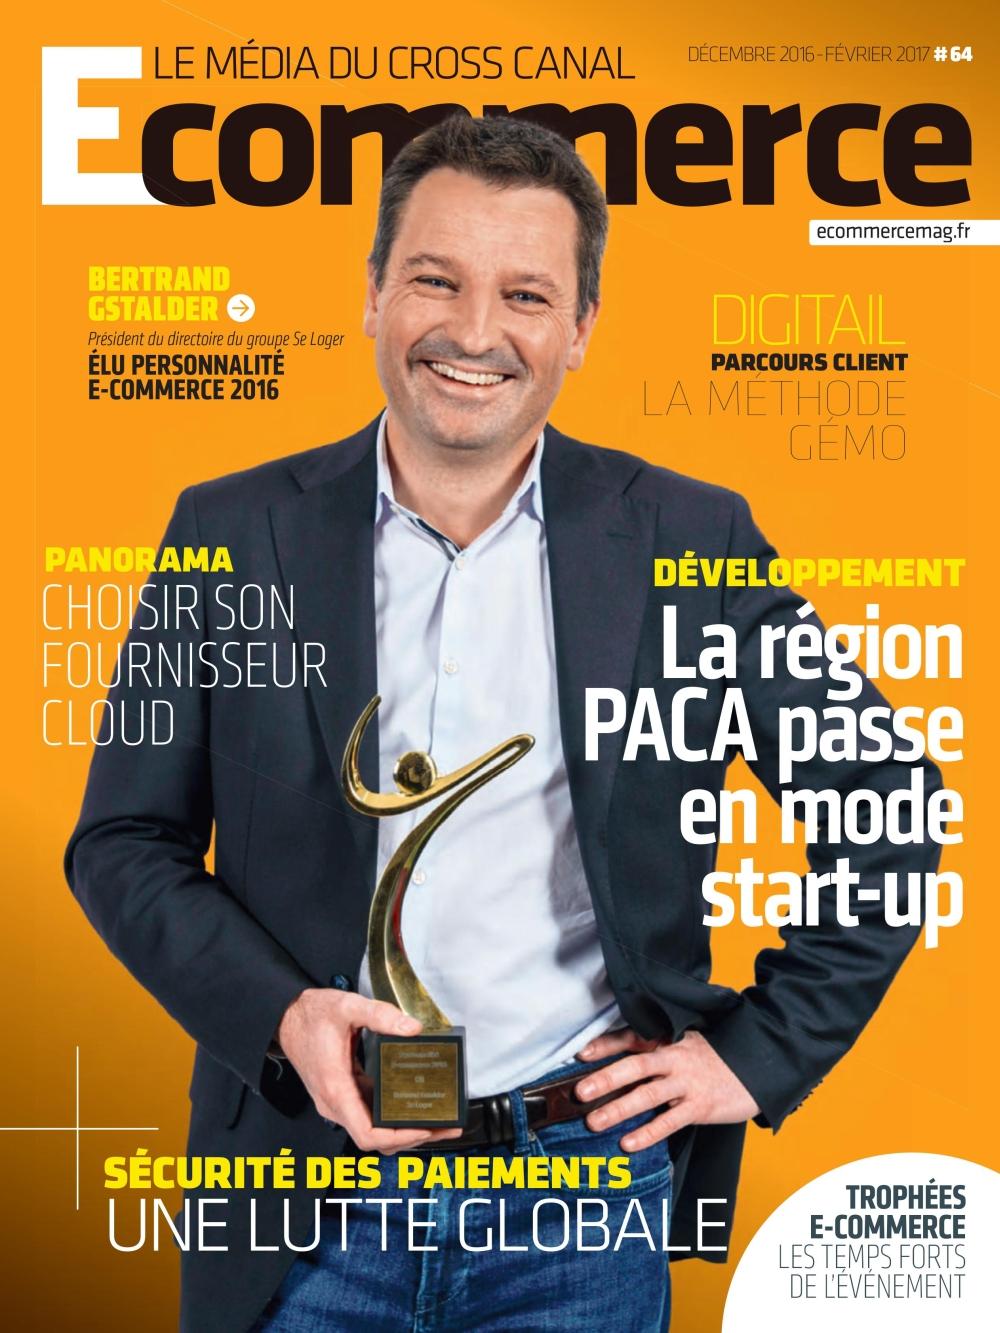 Ecommerce 64 - Décembre 2016/Février 2017